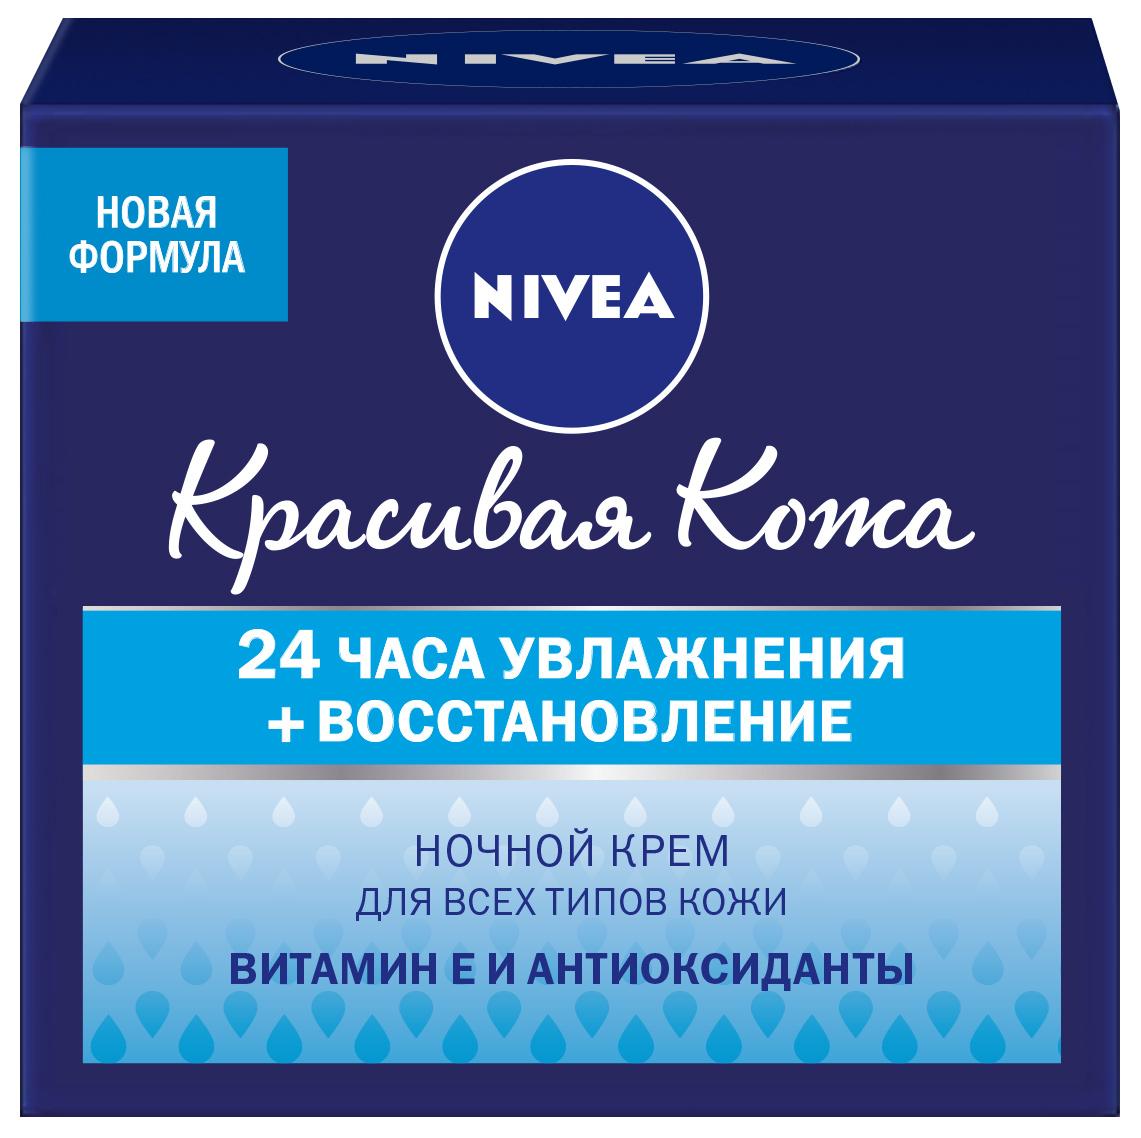 Nivea Крем ночной восстанавливающий для нормальной и комбинированной кожи Красивая кожа, 50 мл81203Ночной крем для всех типов кожи с витамином Е антиоксидантами способствует восстановлению кожи во время сна, наполняет кожу влагой и помогает защитить кожу от оксидативного стресса и образования свободных радикалов. Витамин Е удерживает под контролем водный баланс в клетках, а антиоксиданты эффективно защищают кожу от негативного внешнего воздействия